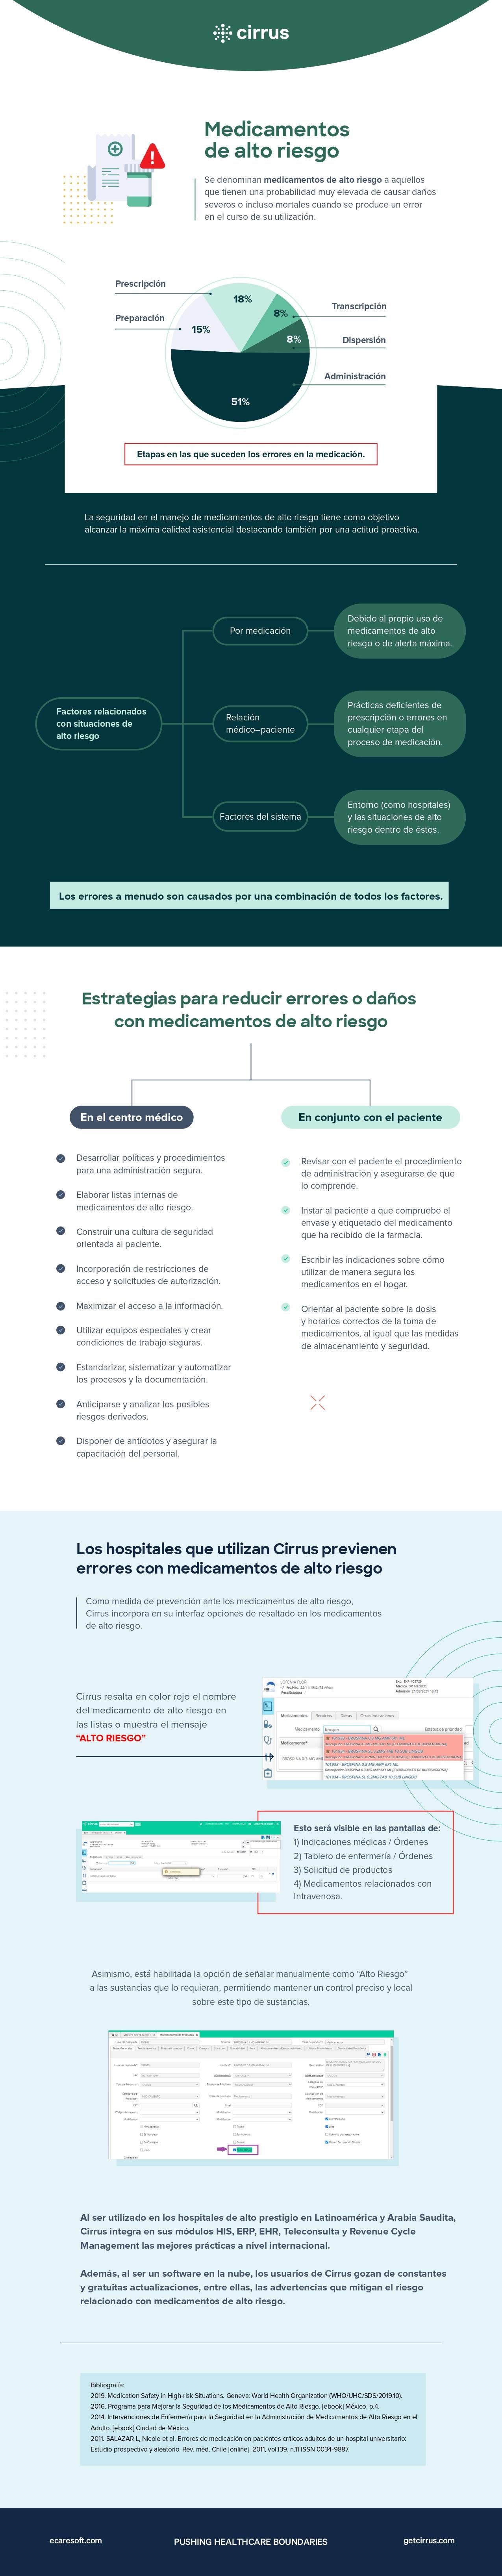 infografía sobr emedicamentos de alto riesgo estrategias de prevención y la interfaz del software para hospitales Cirrus